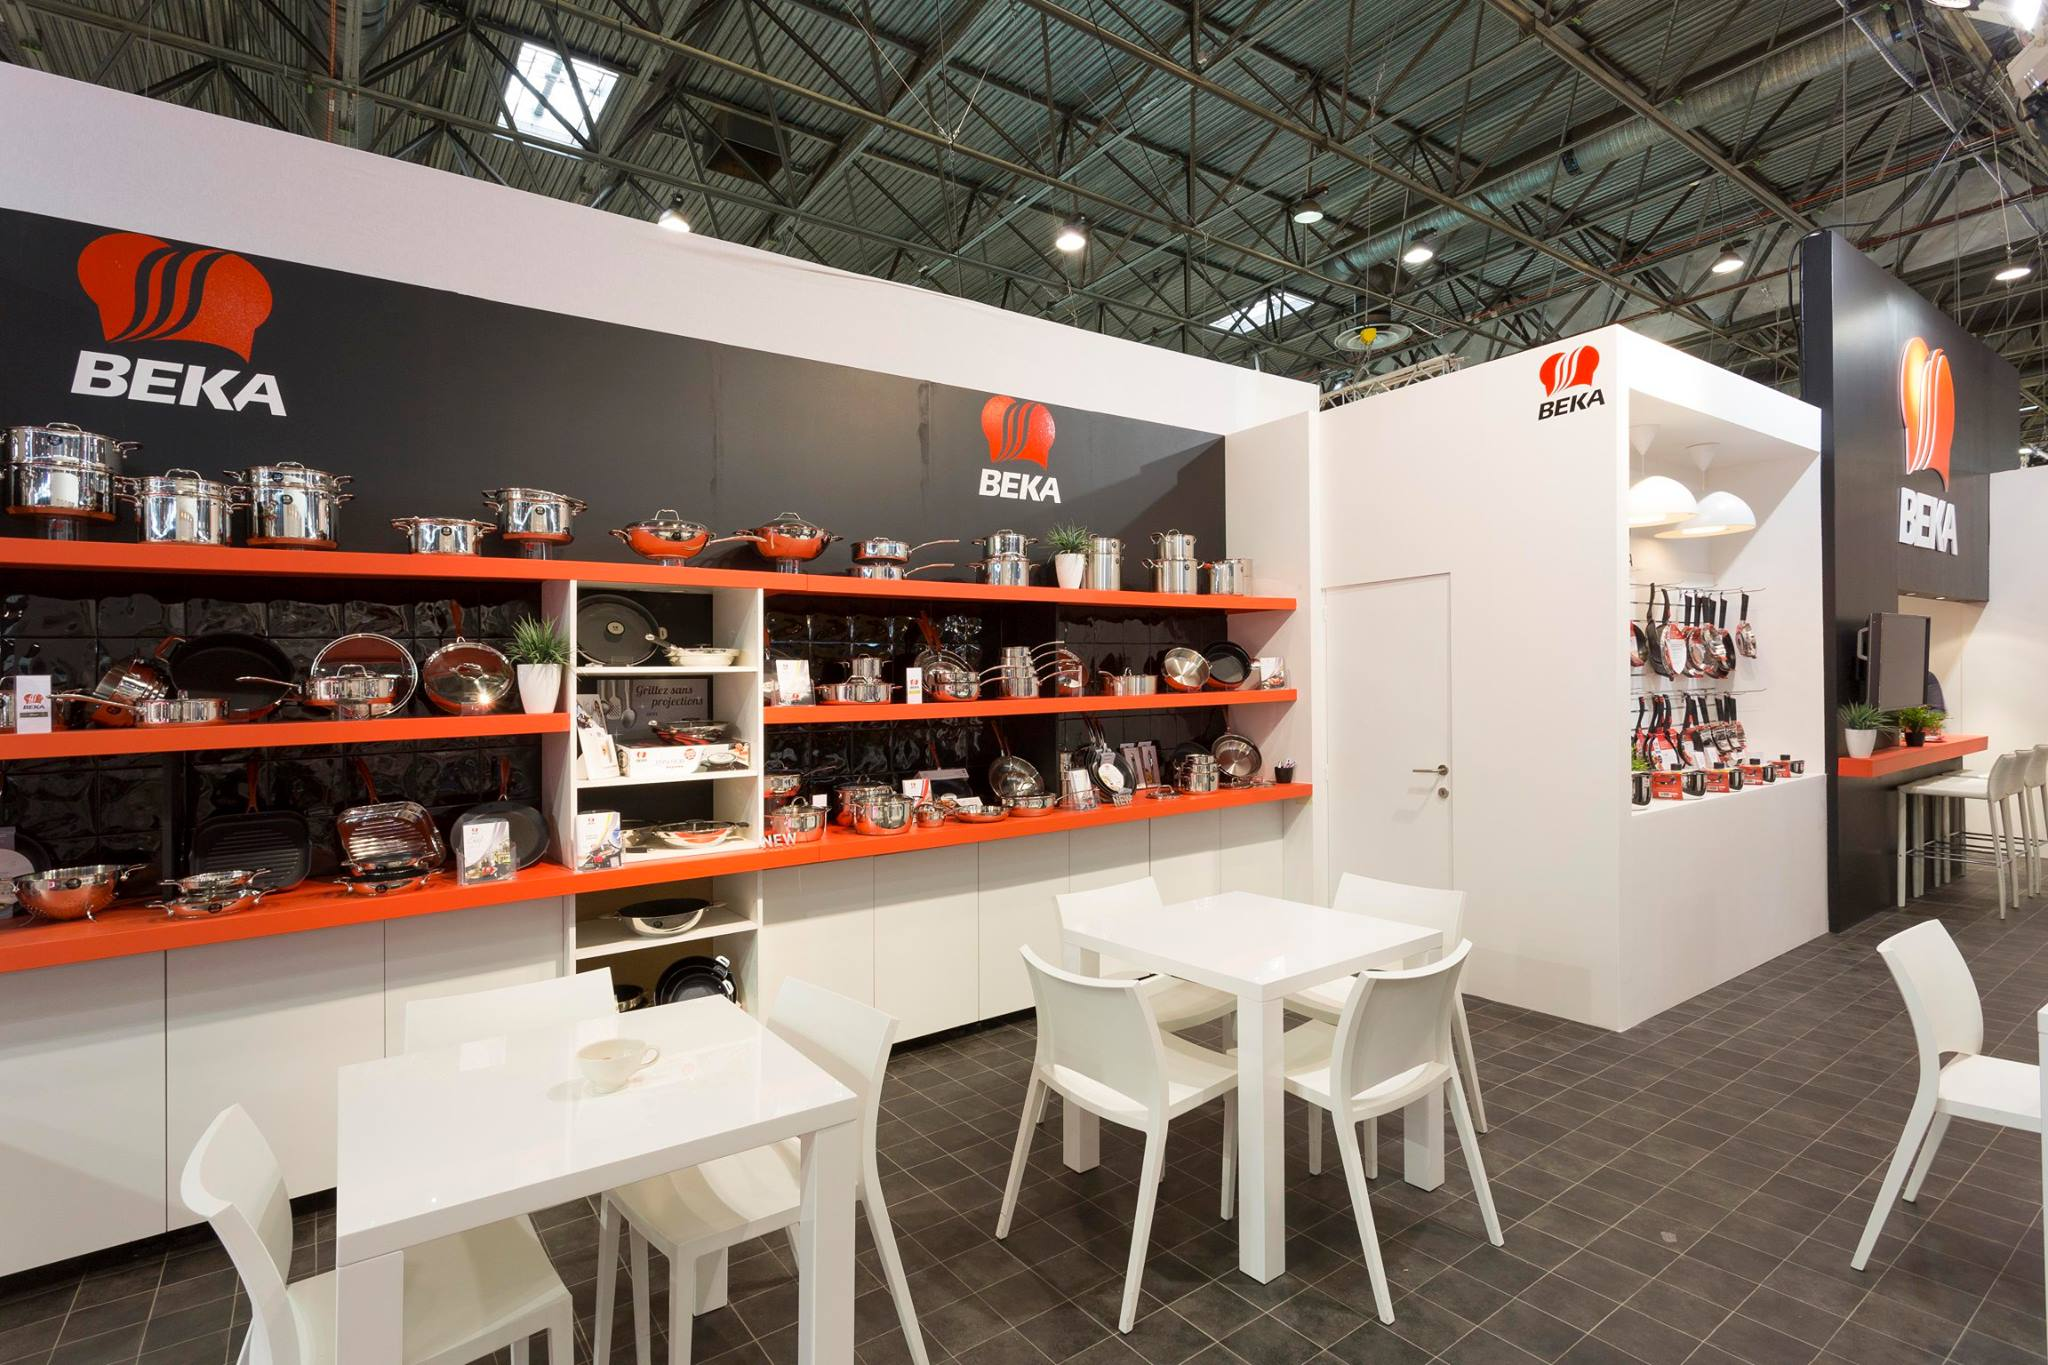 Экспозиция посуды и кухонных аксессуаров от компании Beka на парижской выставке Maison & Objet 2014 - вид В